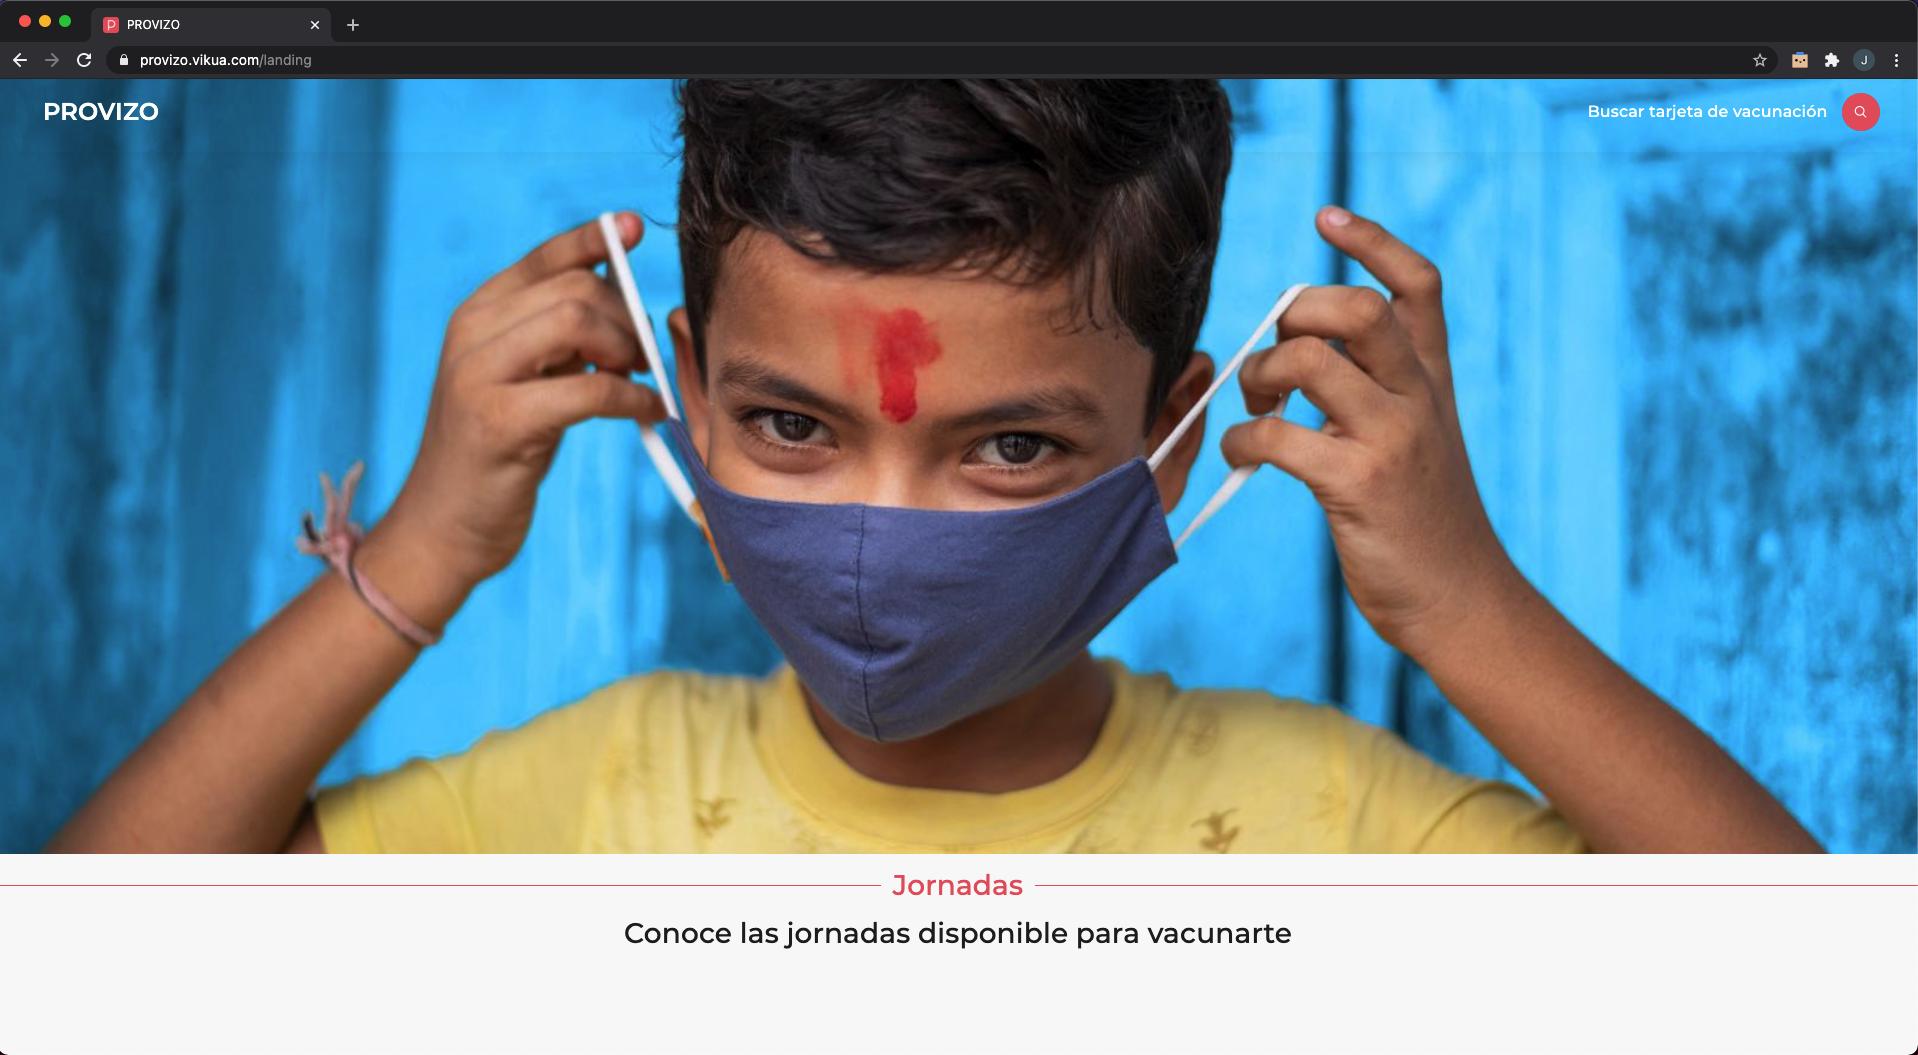 Organiza y <br> publica Jornadas de Vacunación